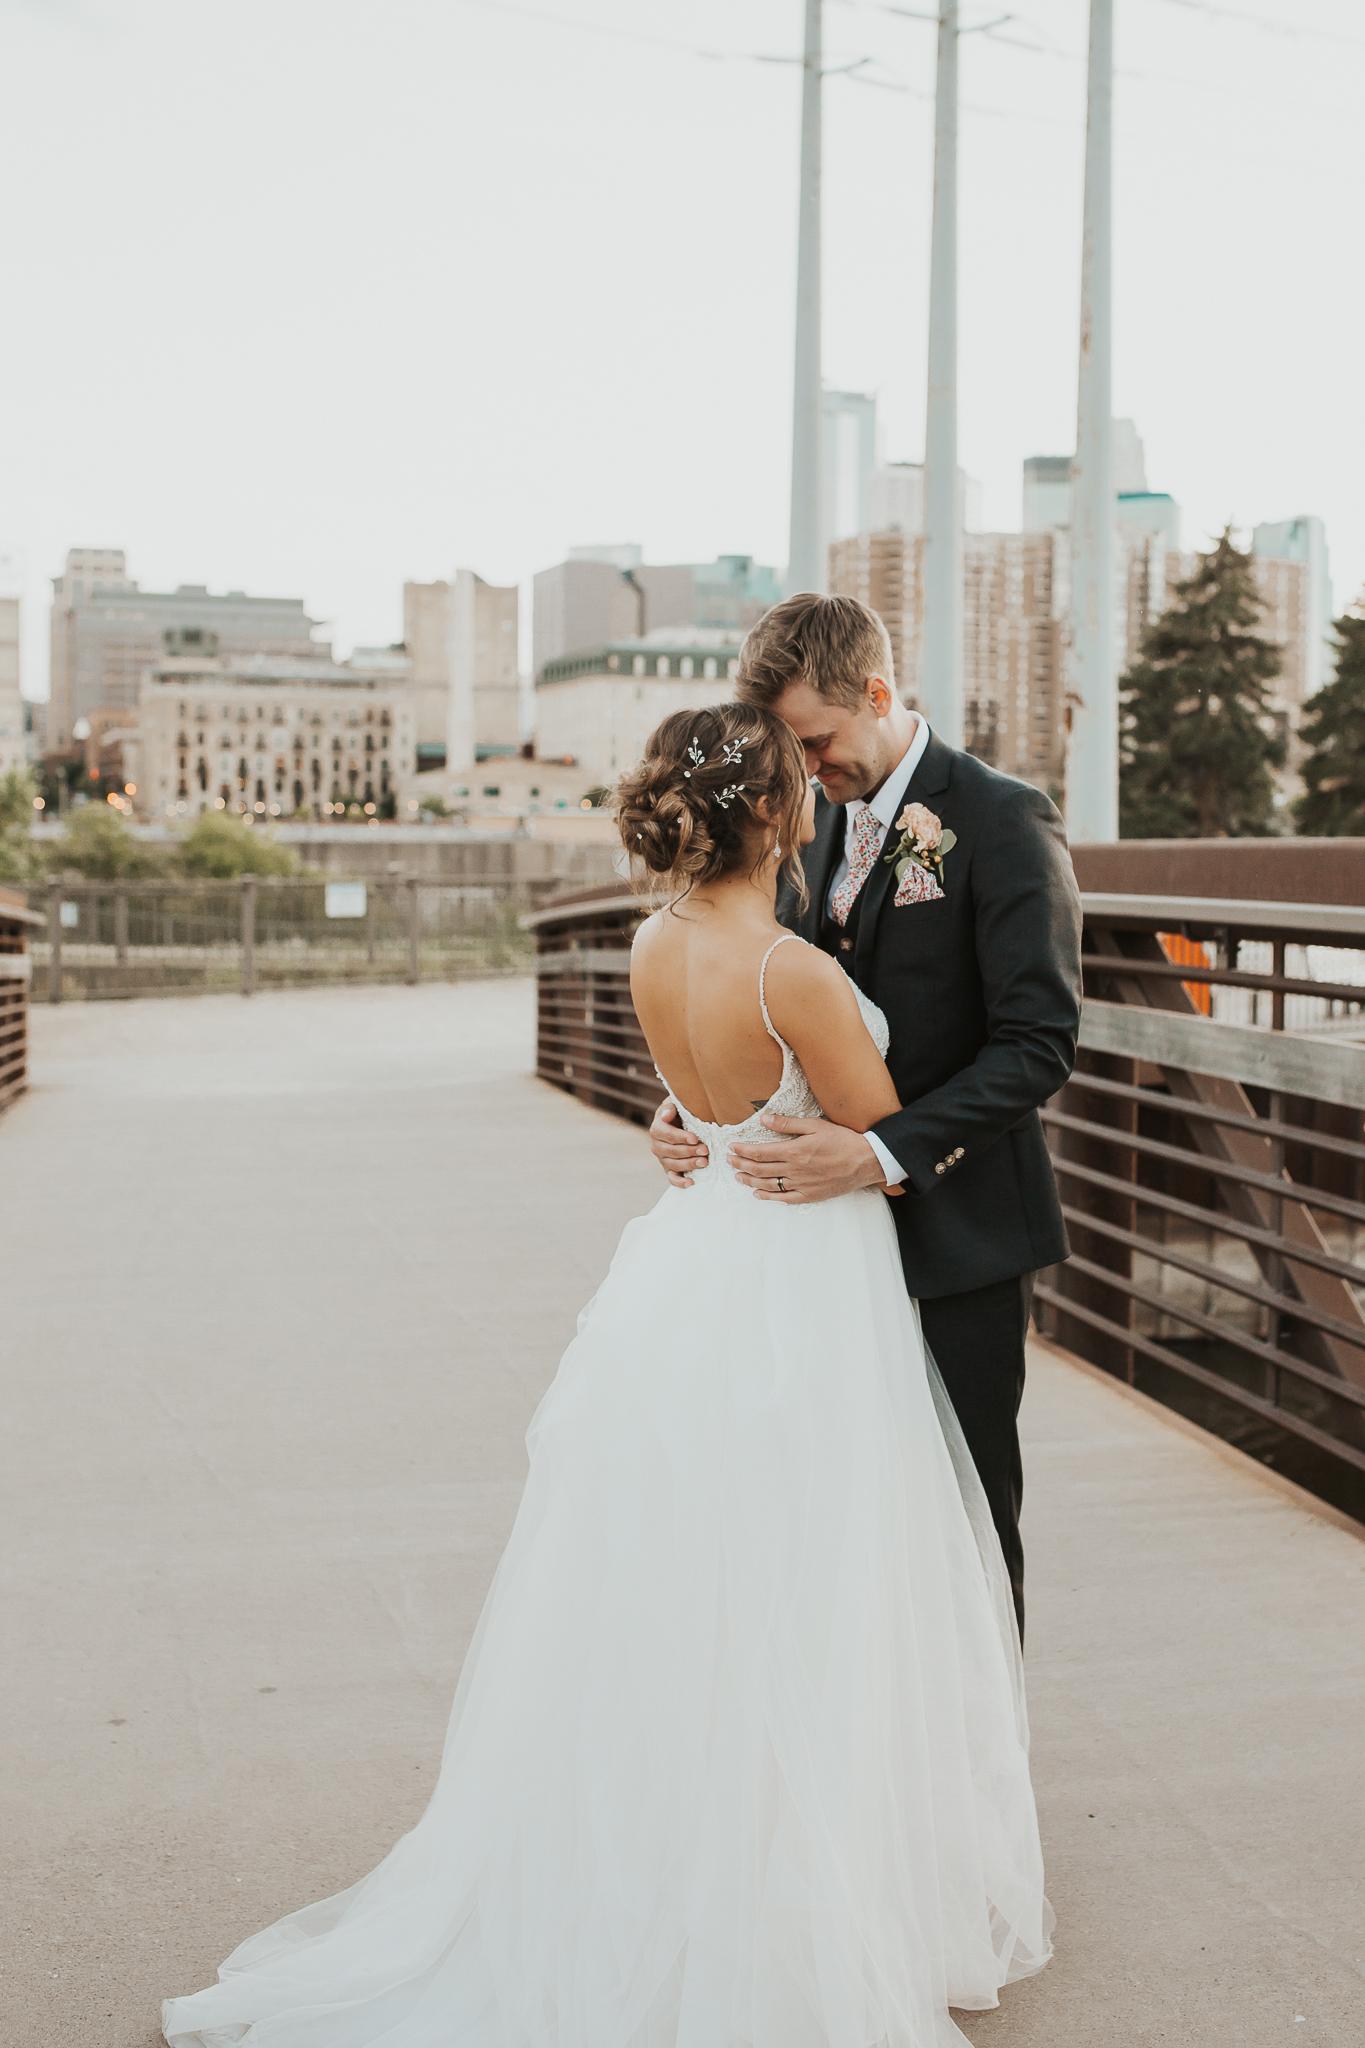 CoreyKelly-Wedding-58.jpg